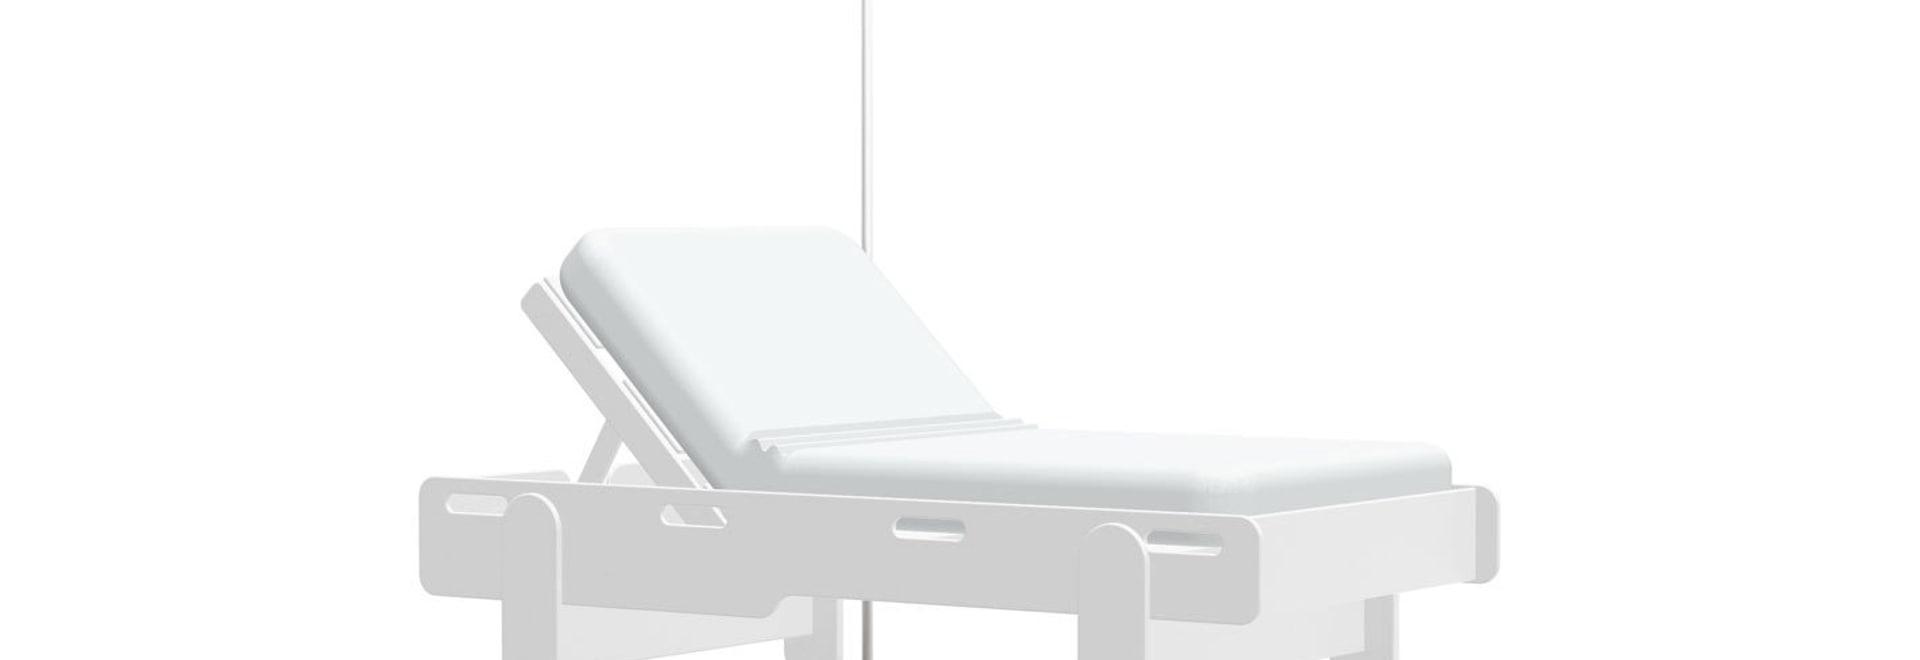 Loll entwirft ein Notfall-Feldbett für ein Krankenhaus zur Unterstützung einer Pandemie